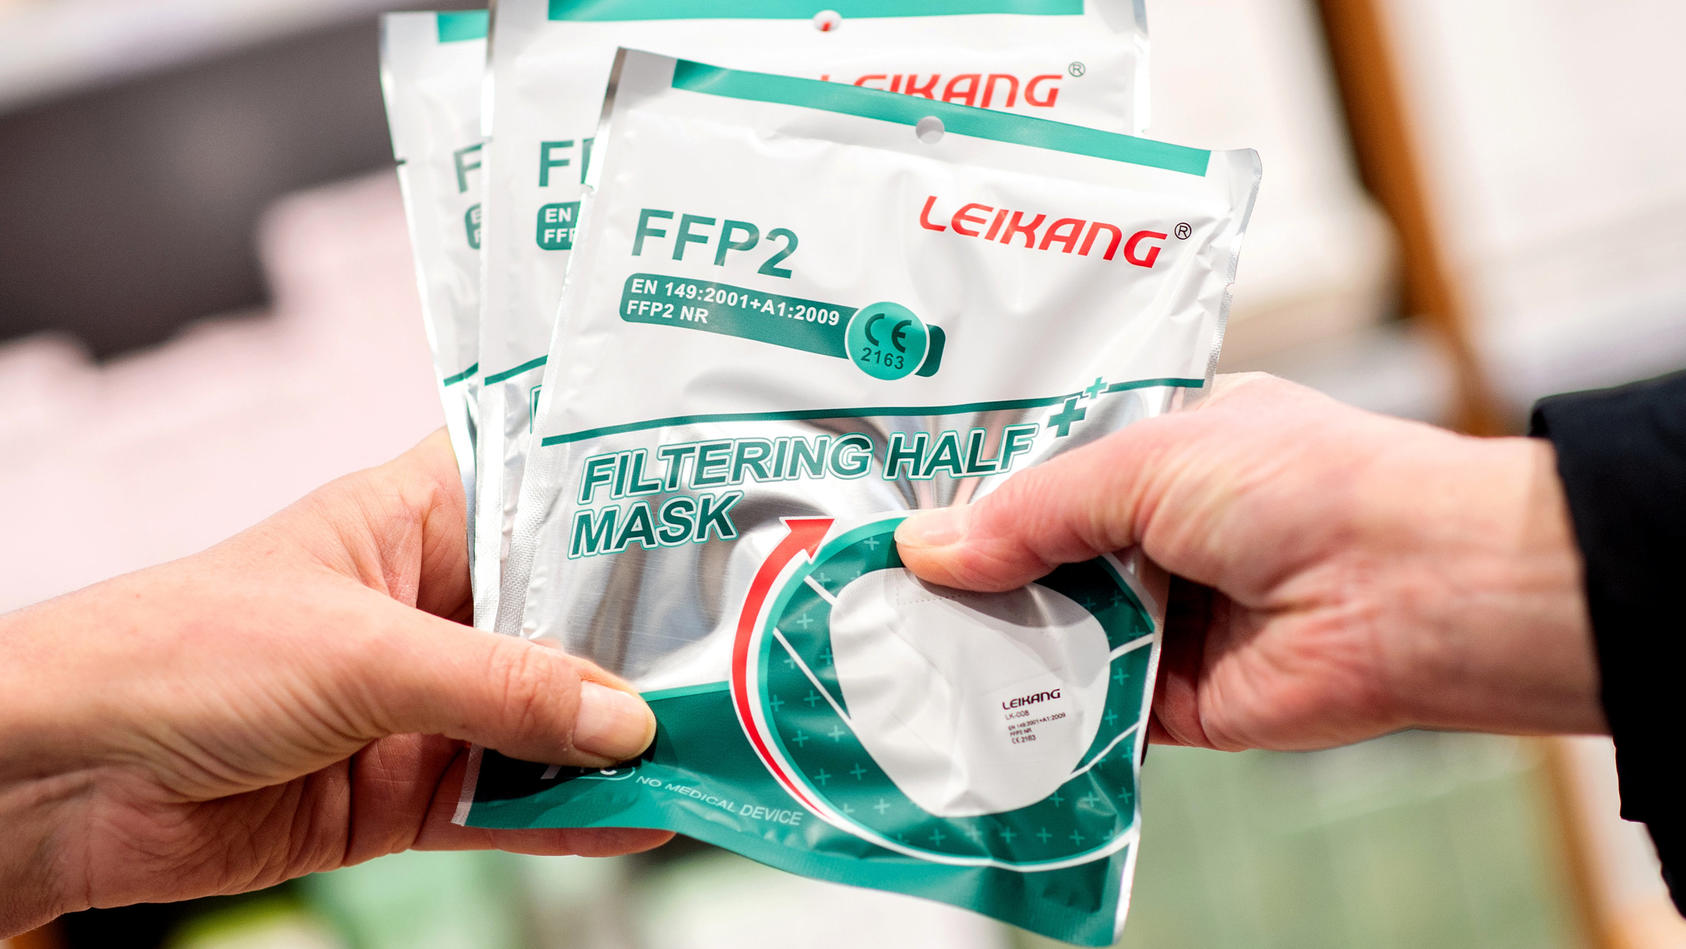 Coronavirus - Ausgabe von FFP2-Masken